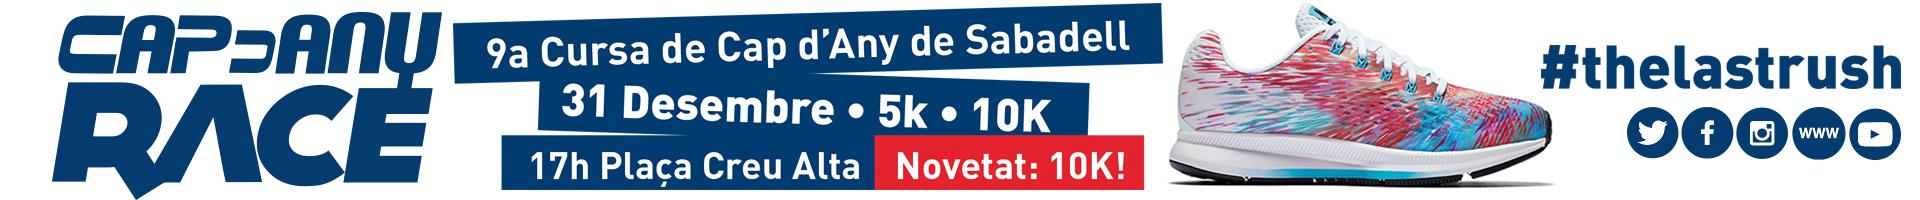 Cursa de Cap d'Any de Sabadell